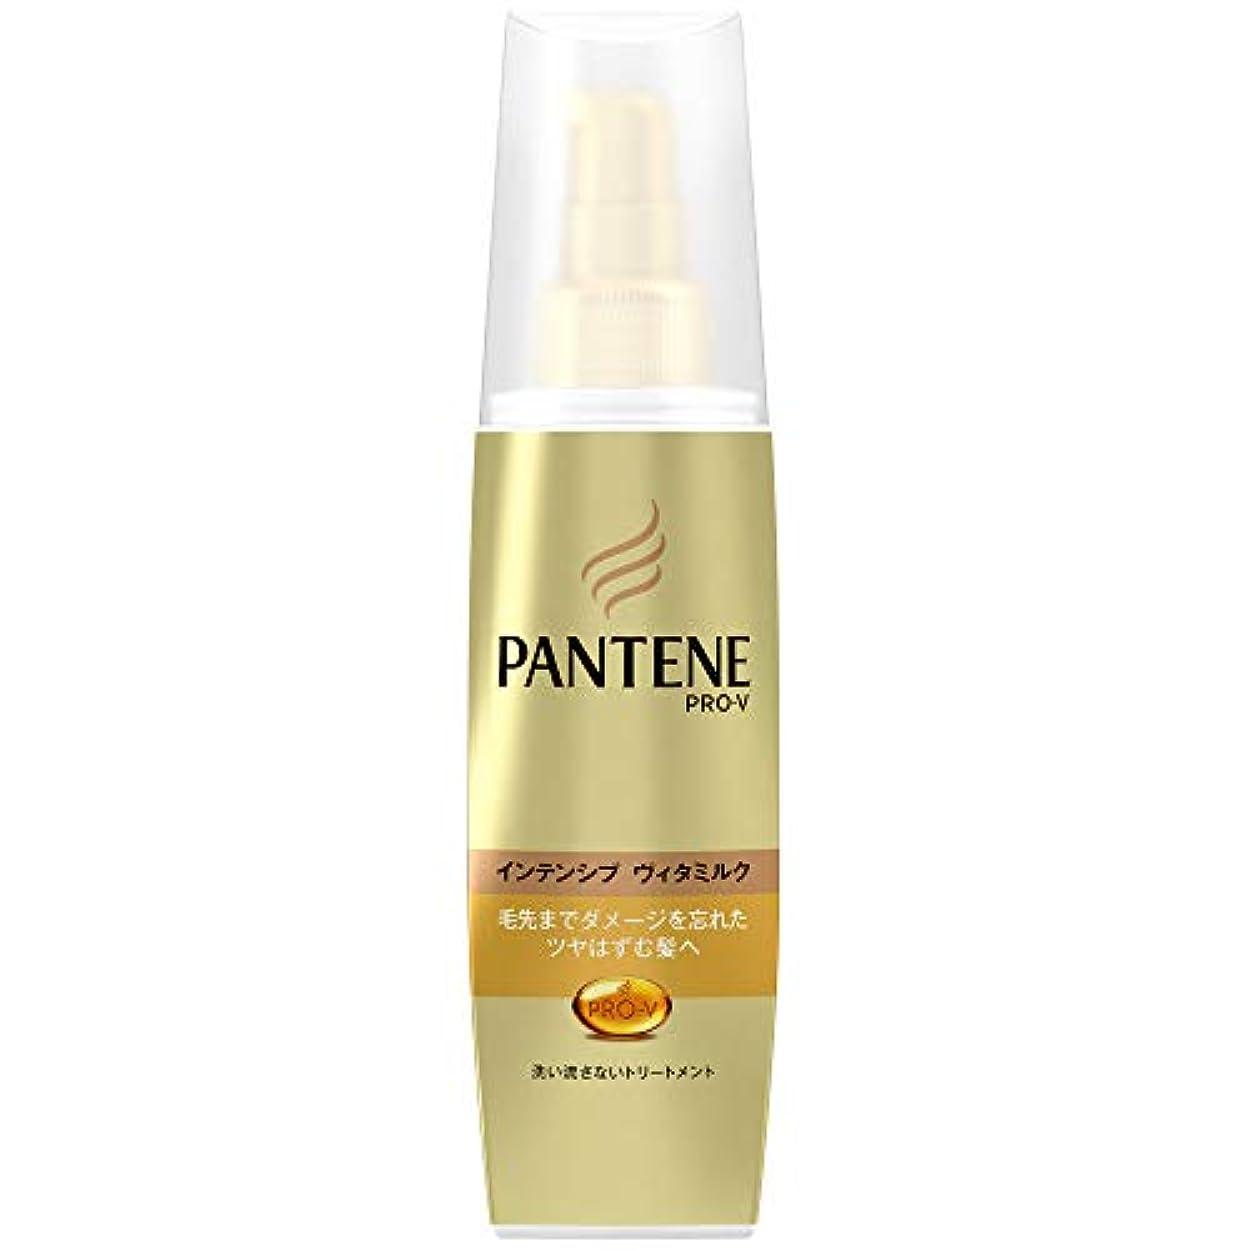 マットレス助けて予防接種パンテーン 洗い流さないトリートメント インテンシブヴィタミルク 毛先まで傷んだ髪用 100ml